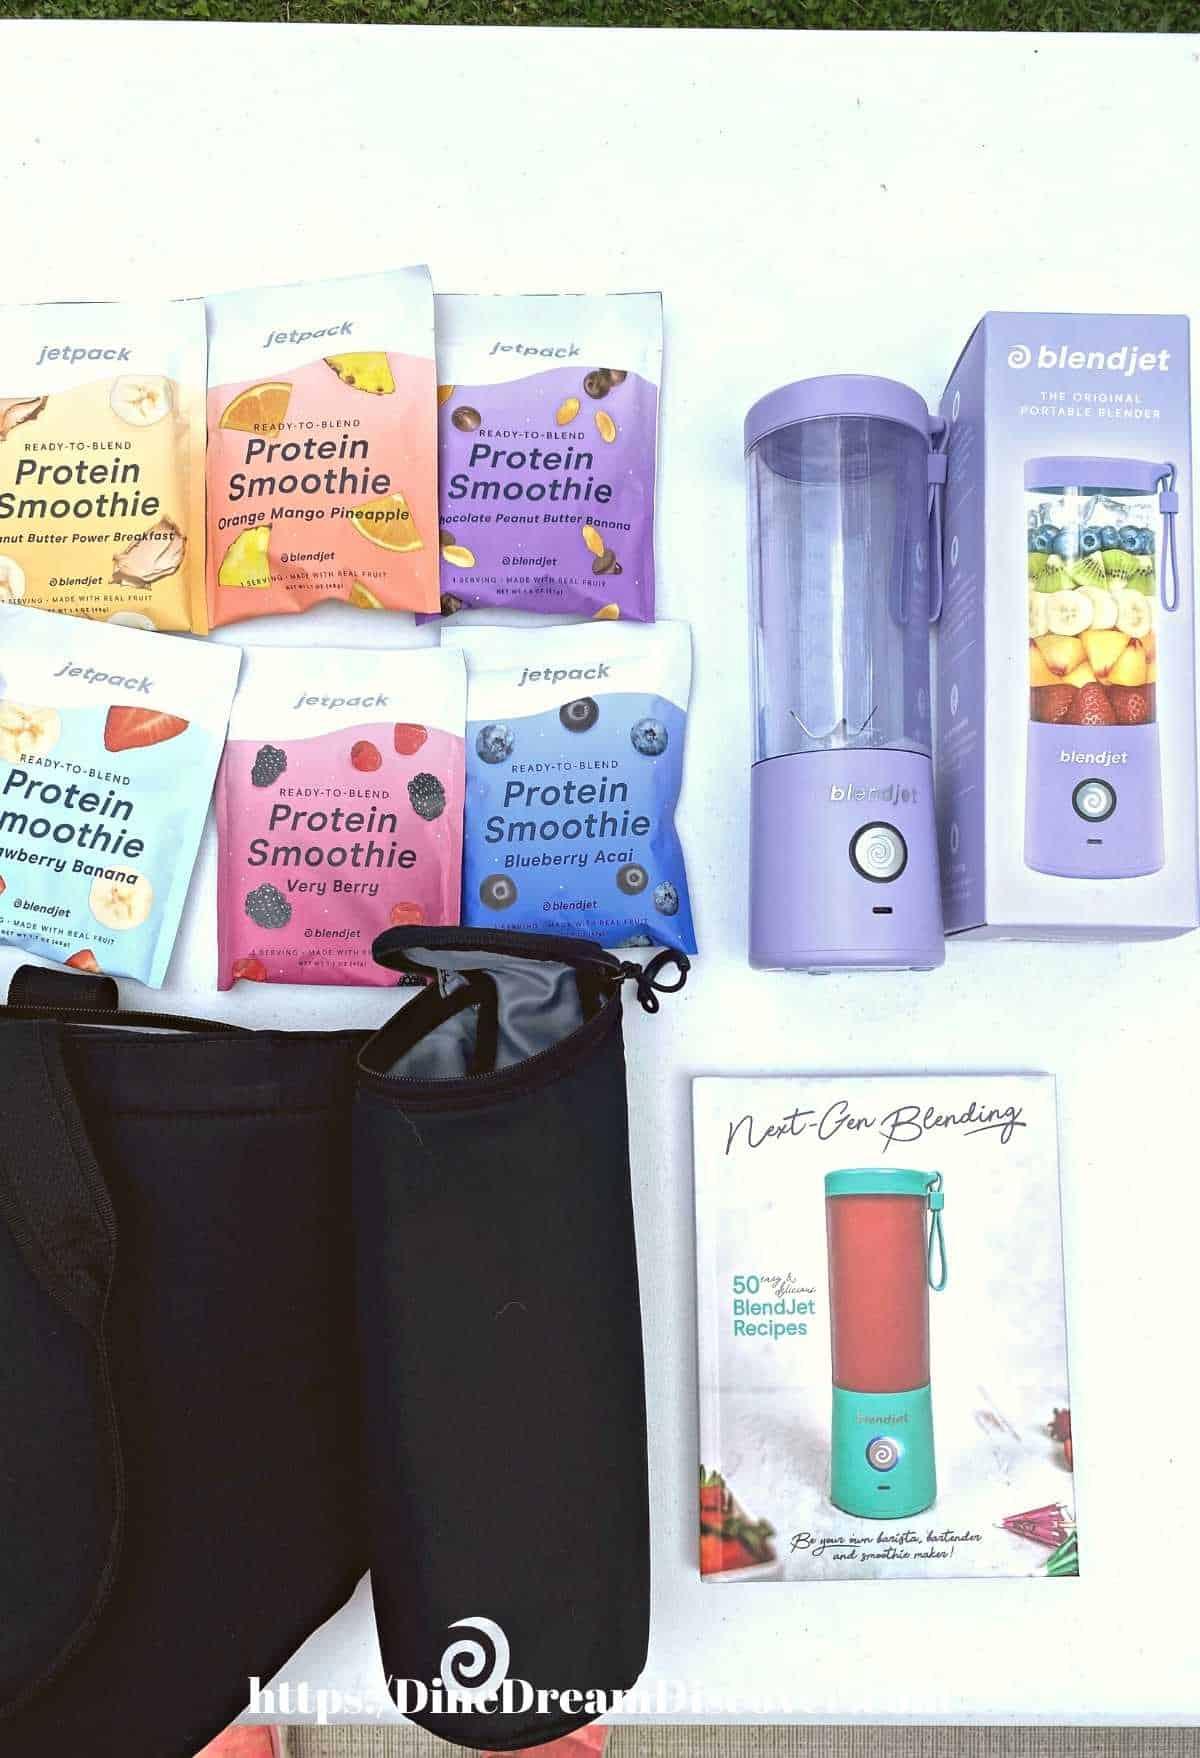 BlendJet 2 Portable Blender for On the Go Lifestyle